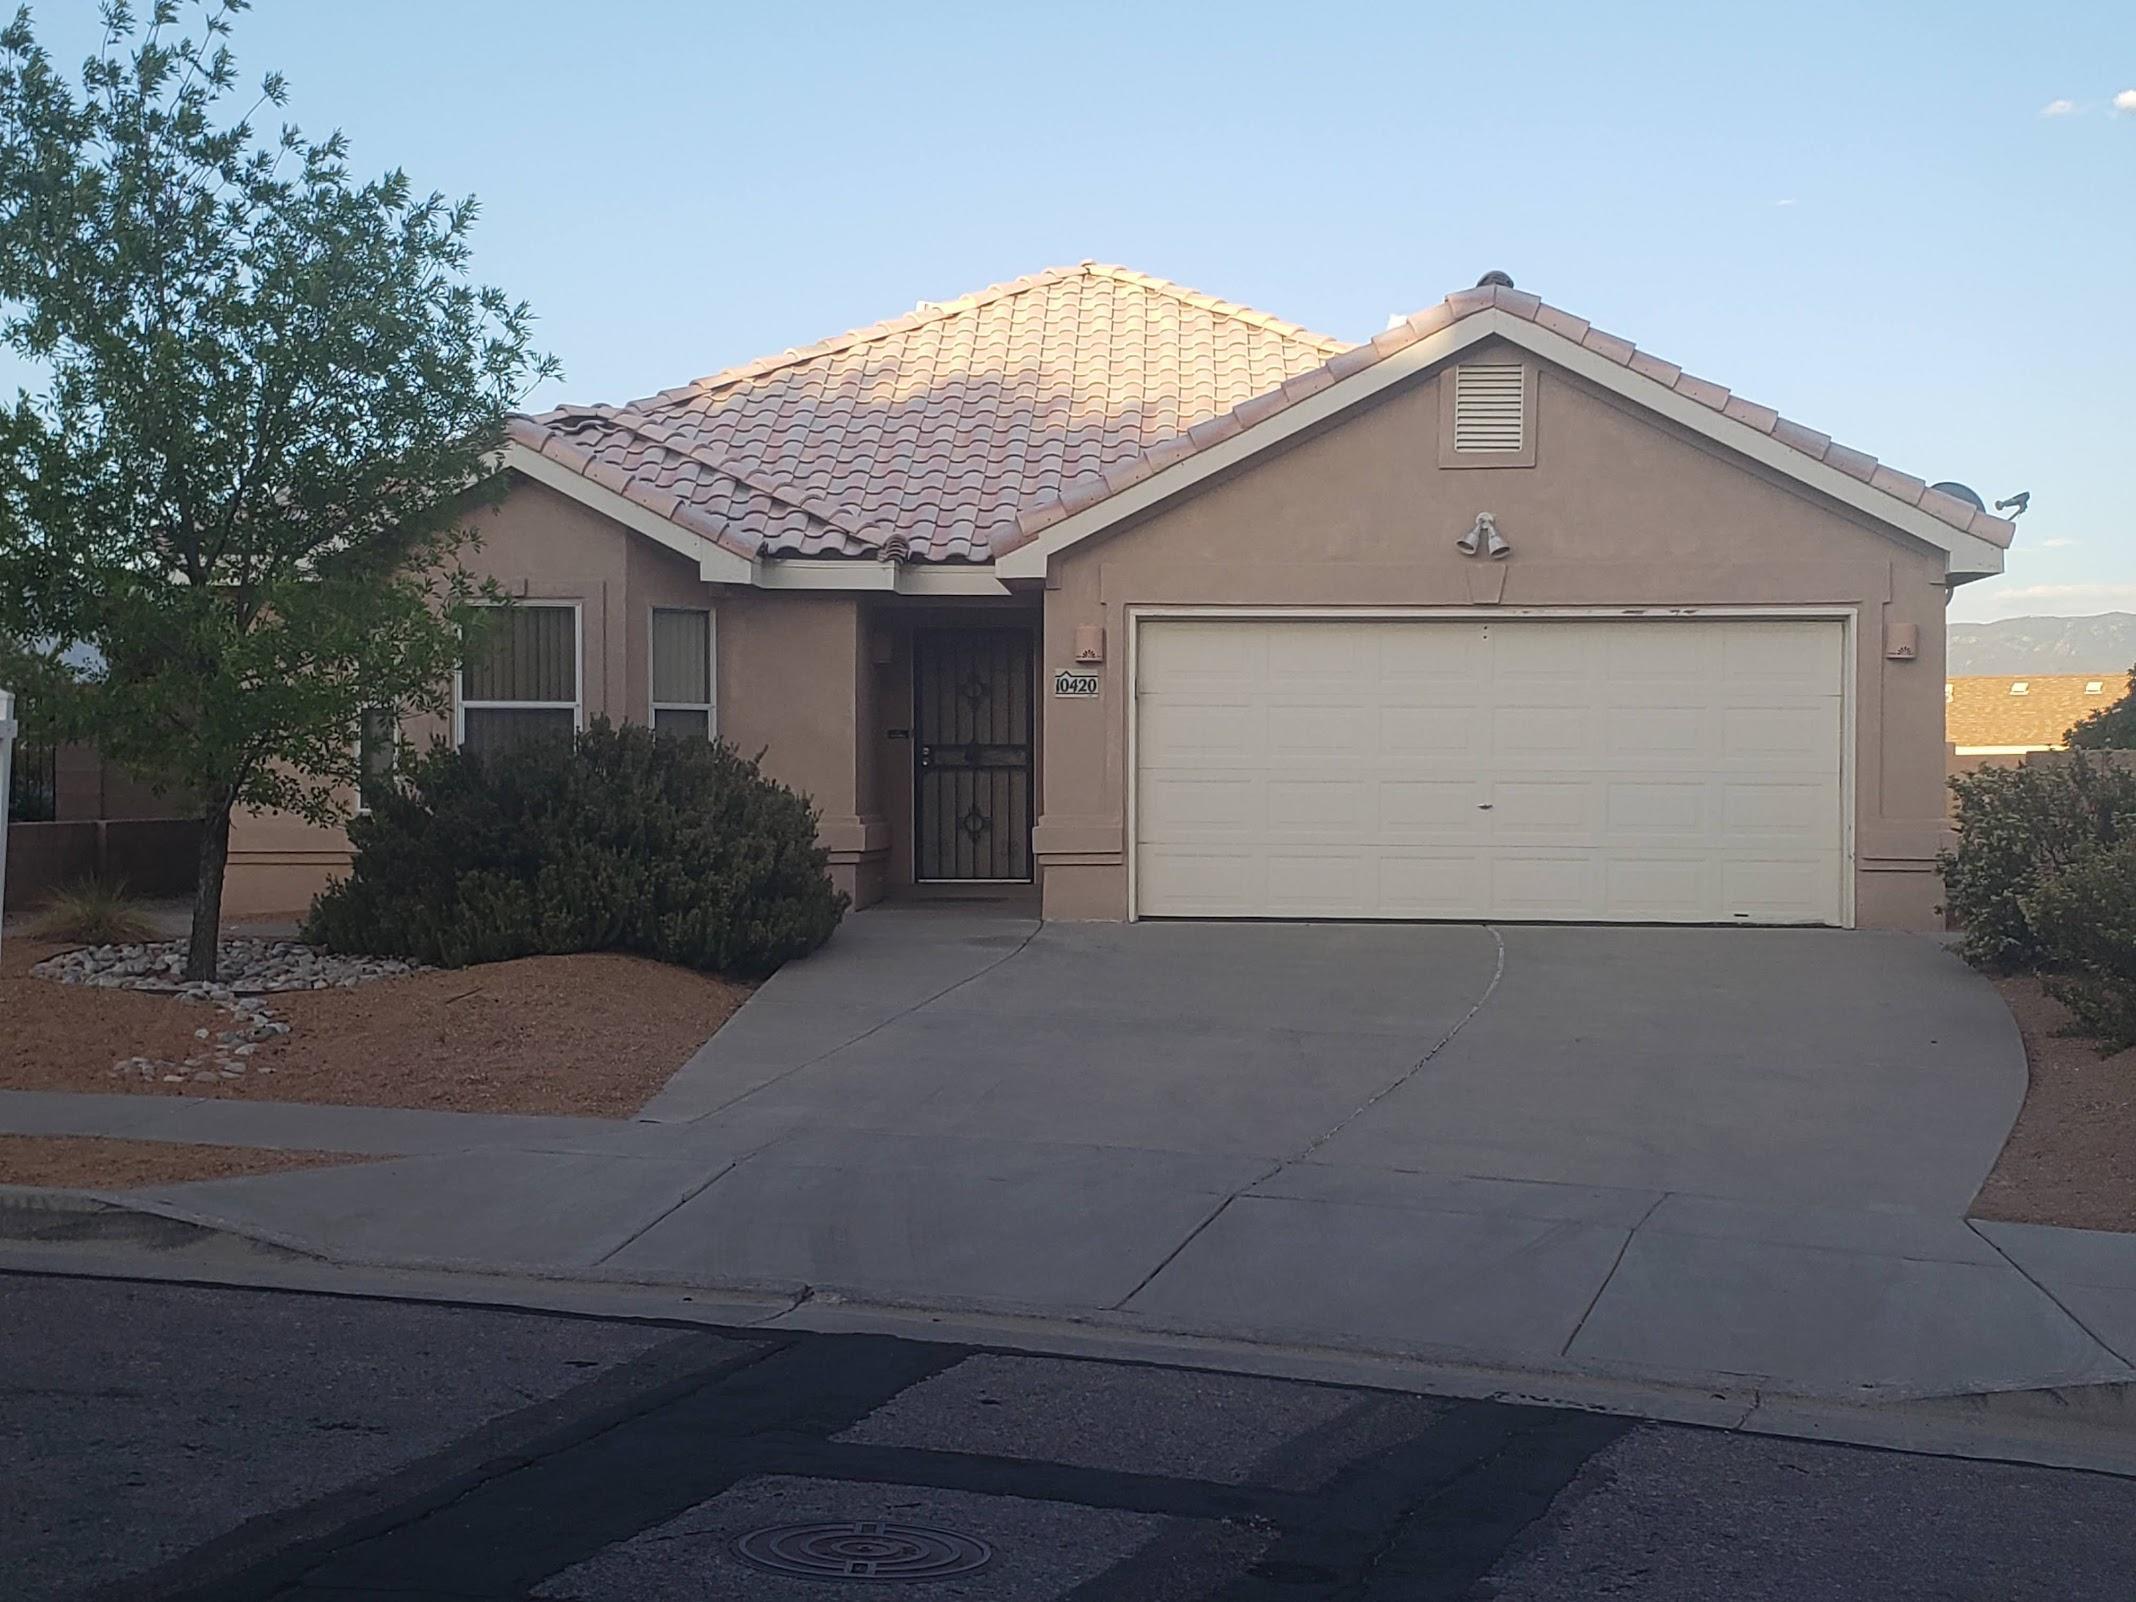 10420 DESCOLLADO Drive, Albuquerque NM 87114